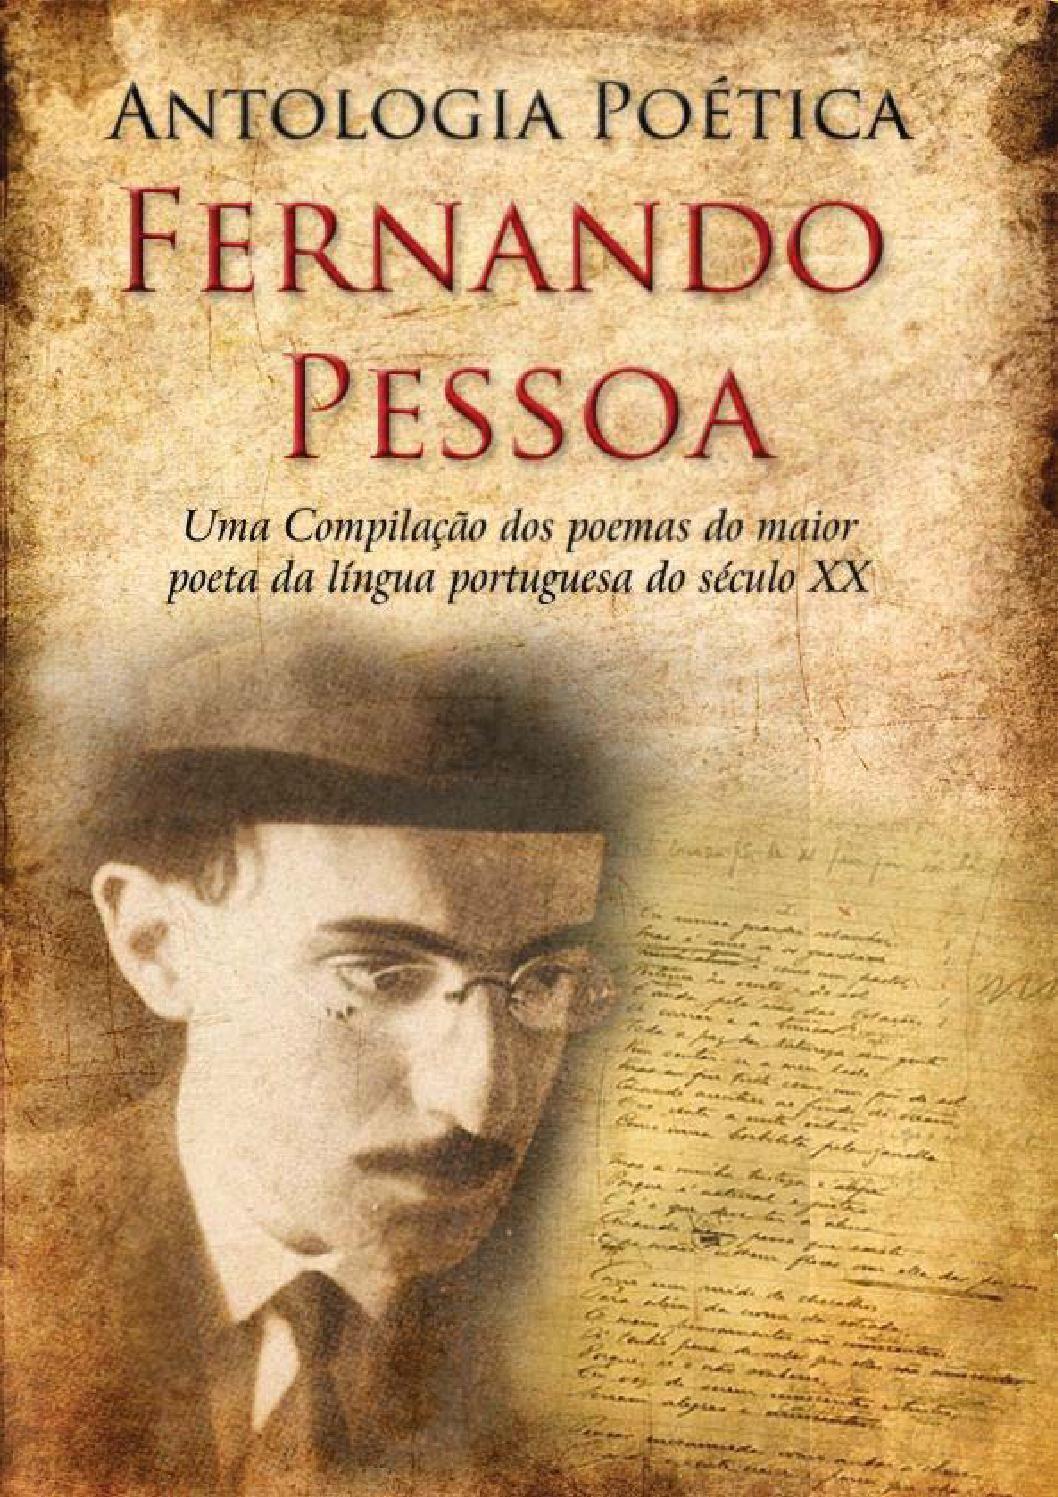 Antologia Poética (Fernando Pessoa) 2 de 2 | Livros de